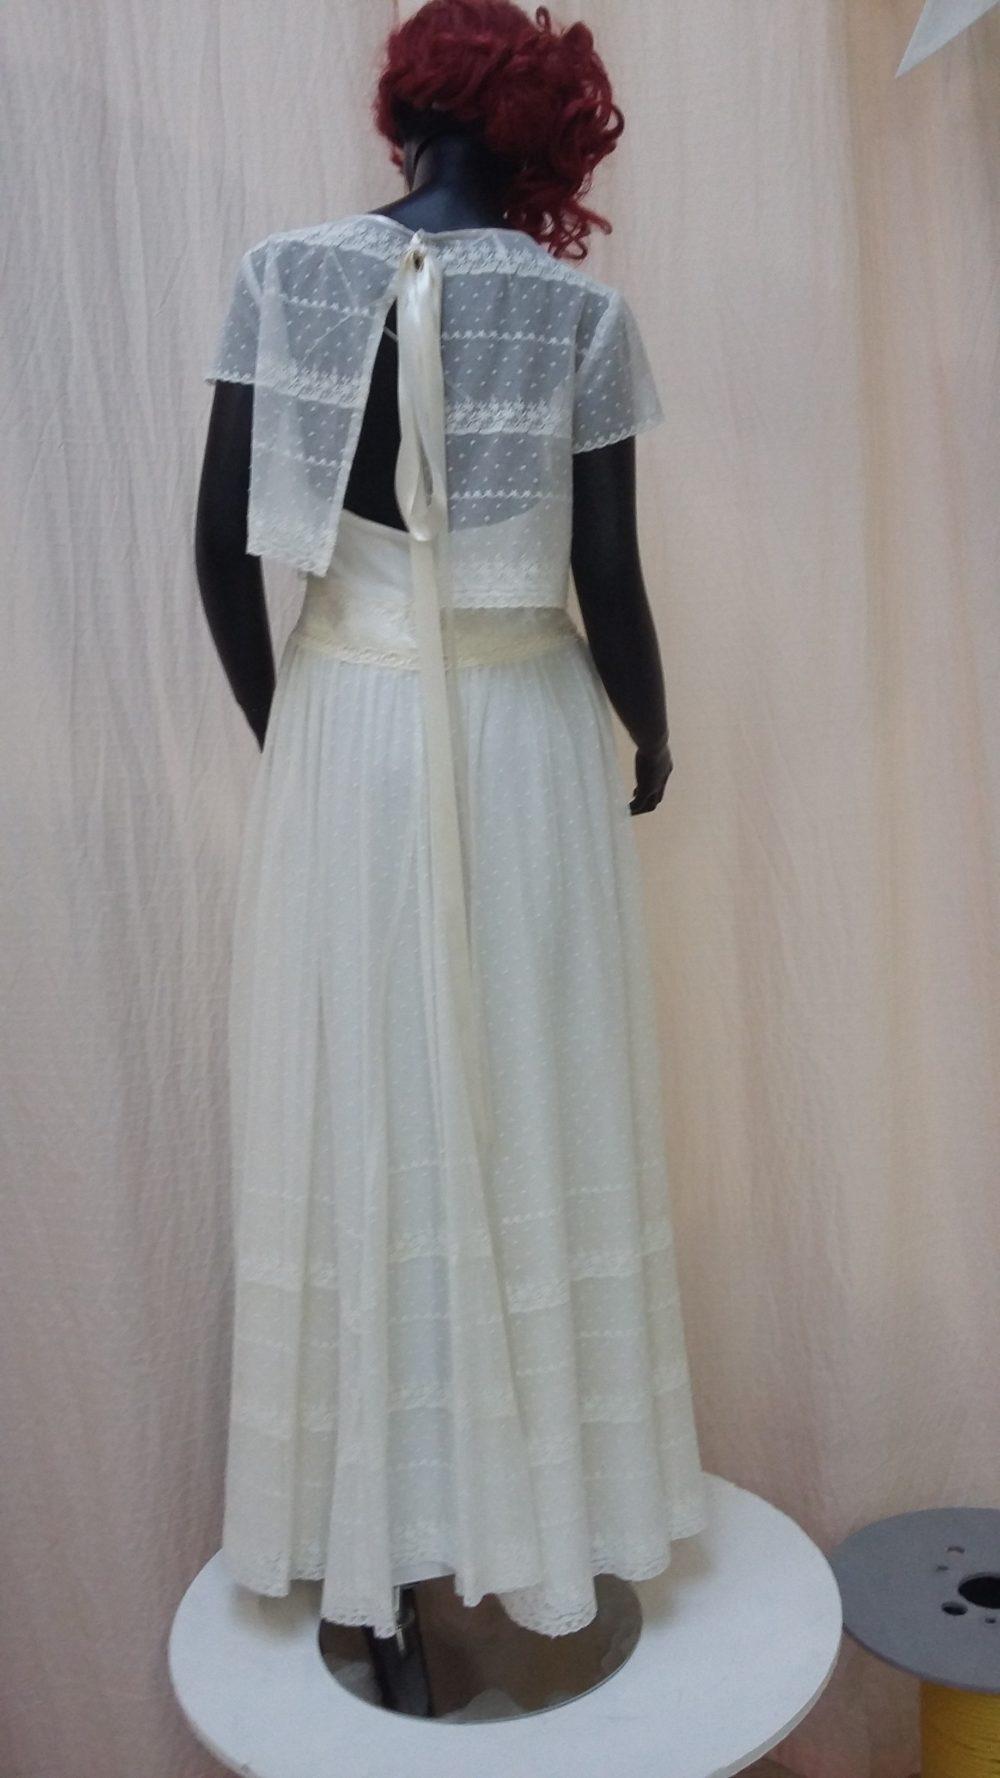 Robe de mariée à domicile - CAPUCINE - Robe bohème - boutique de mariage Cholet - boutique de mariée chemillé - boutique de robes le pin en mauges - boutique mariage bressuire